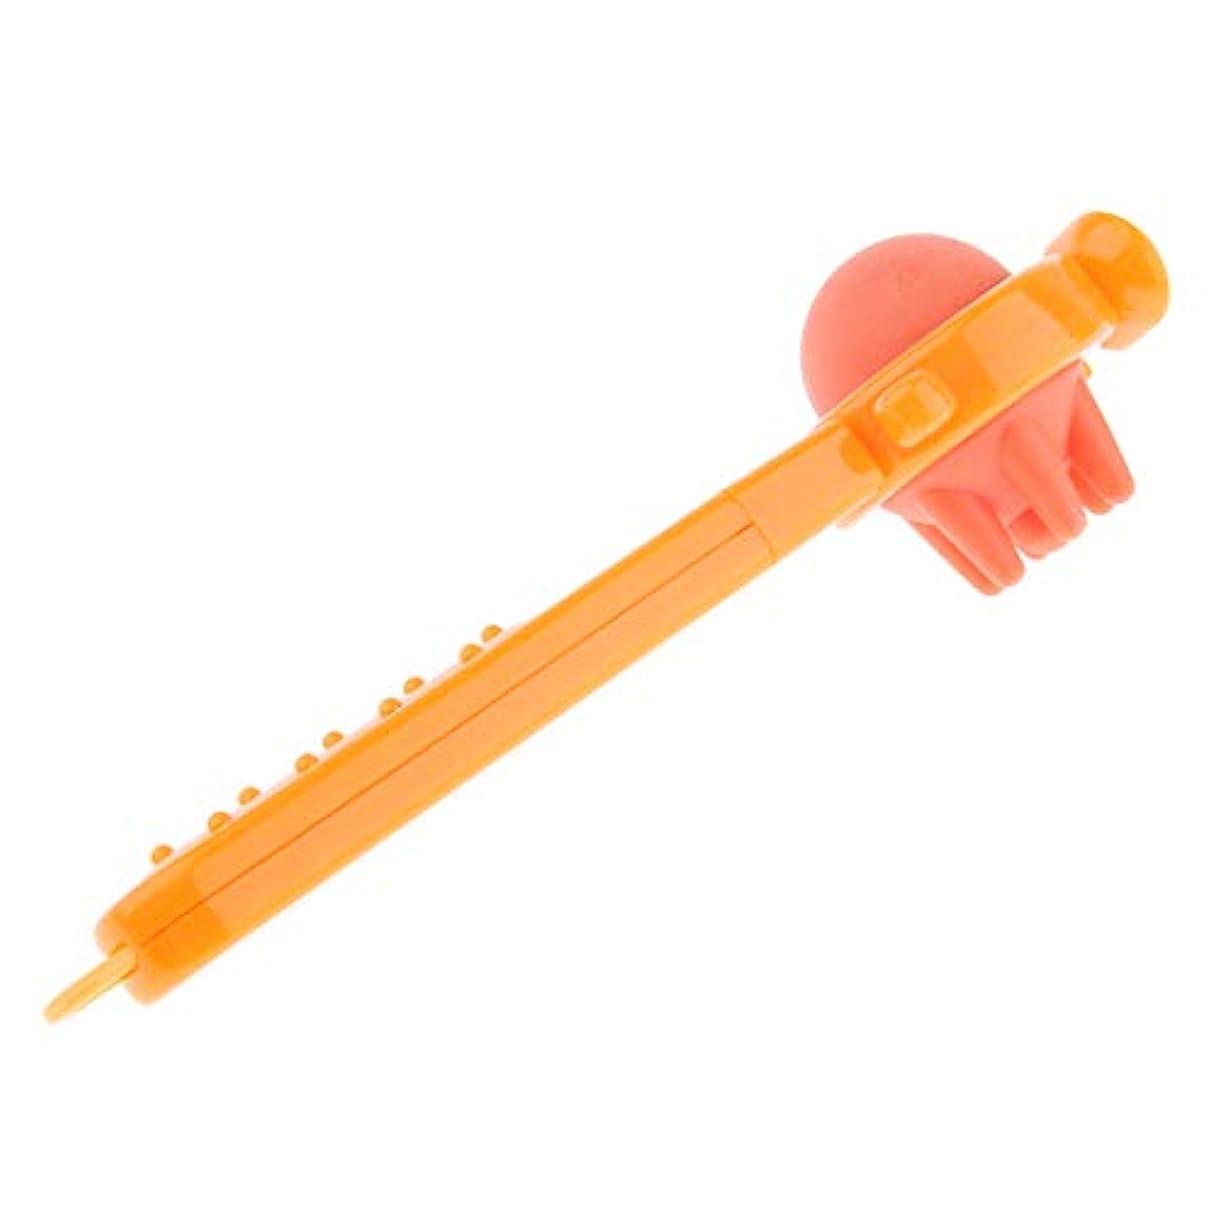 ブリリアントエイズステーキFLAMEER 背中/肩/脚/腕/筋肉 大人気 ツボ押しグッズ マッサージ ハンマー スティック 健康器具 オレンジ